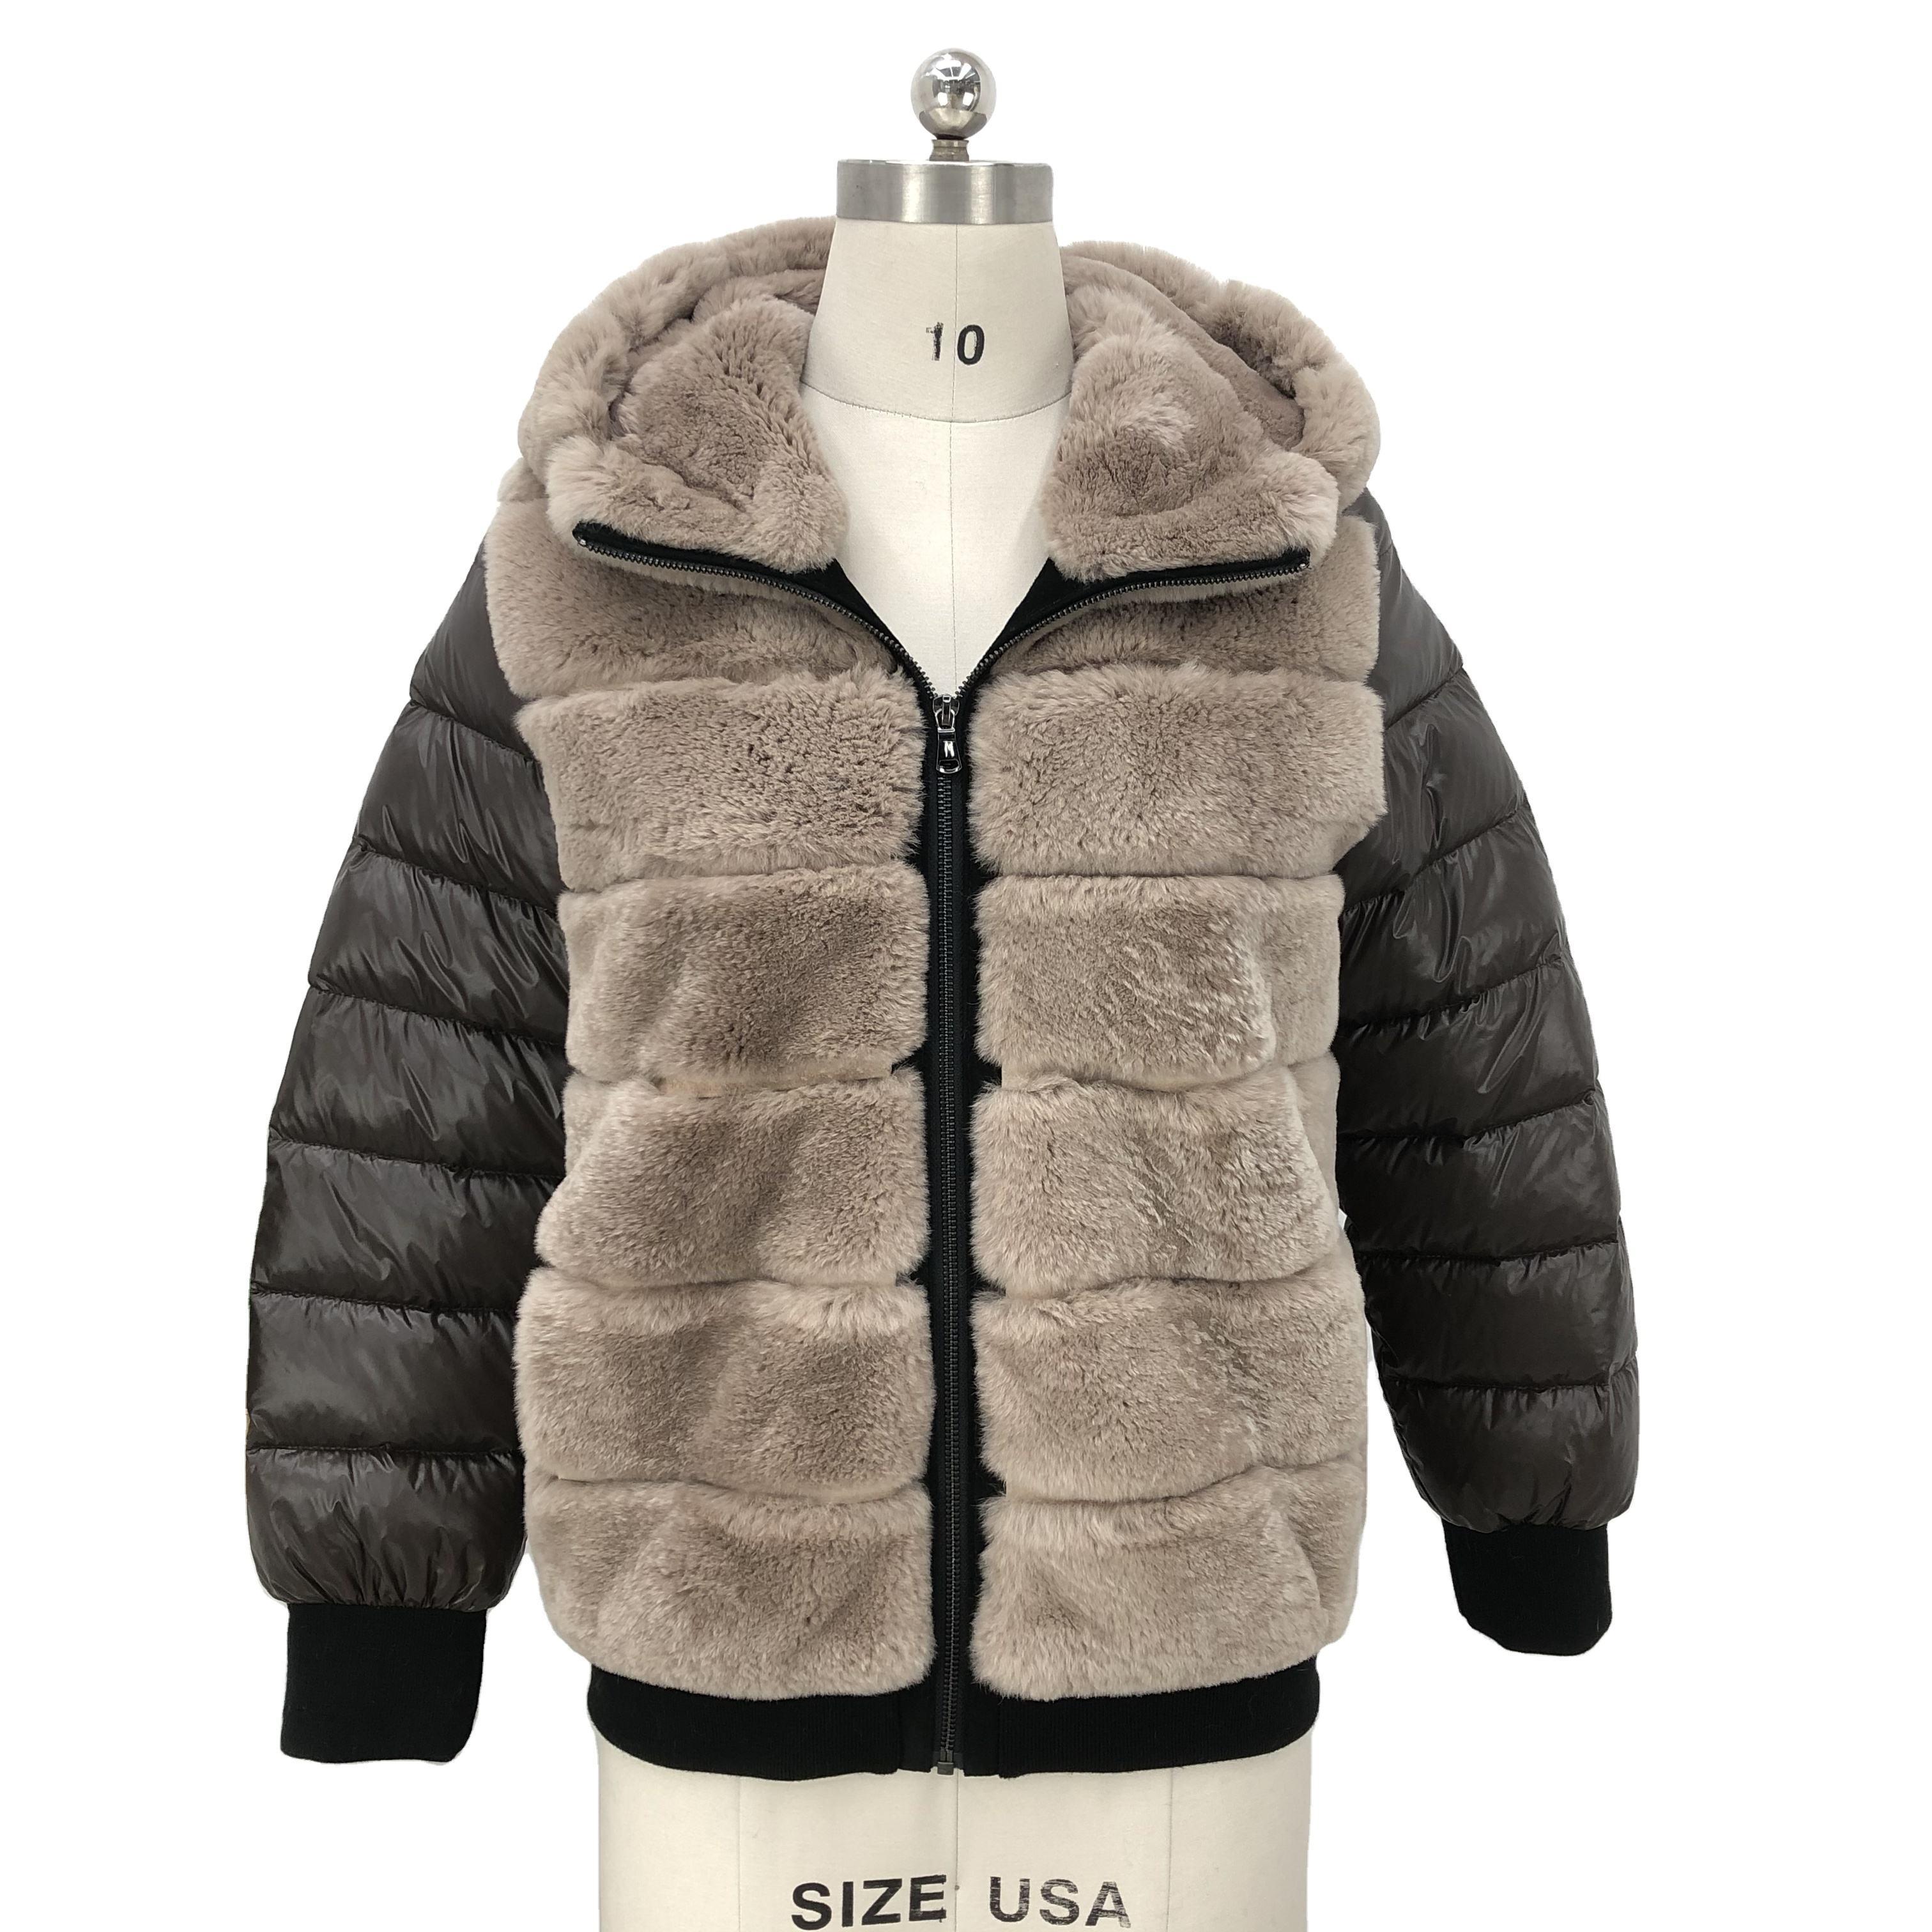 2020 новый дизайн шуба из меха кролика <span class=keywords><strong>Рекс</strong></span> женская зимняя одежда шуба из кроличьего меха пуховое пальто